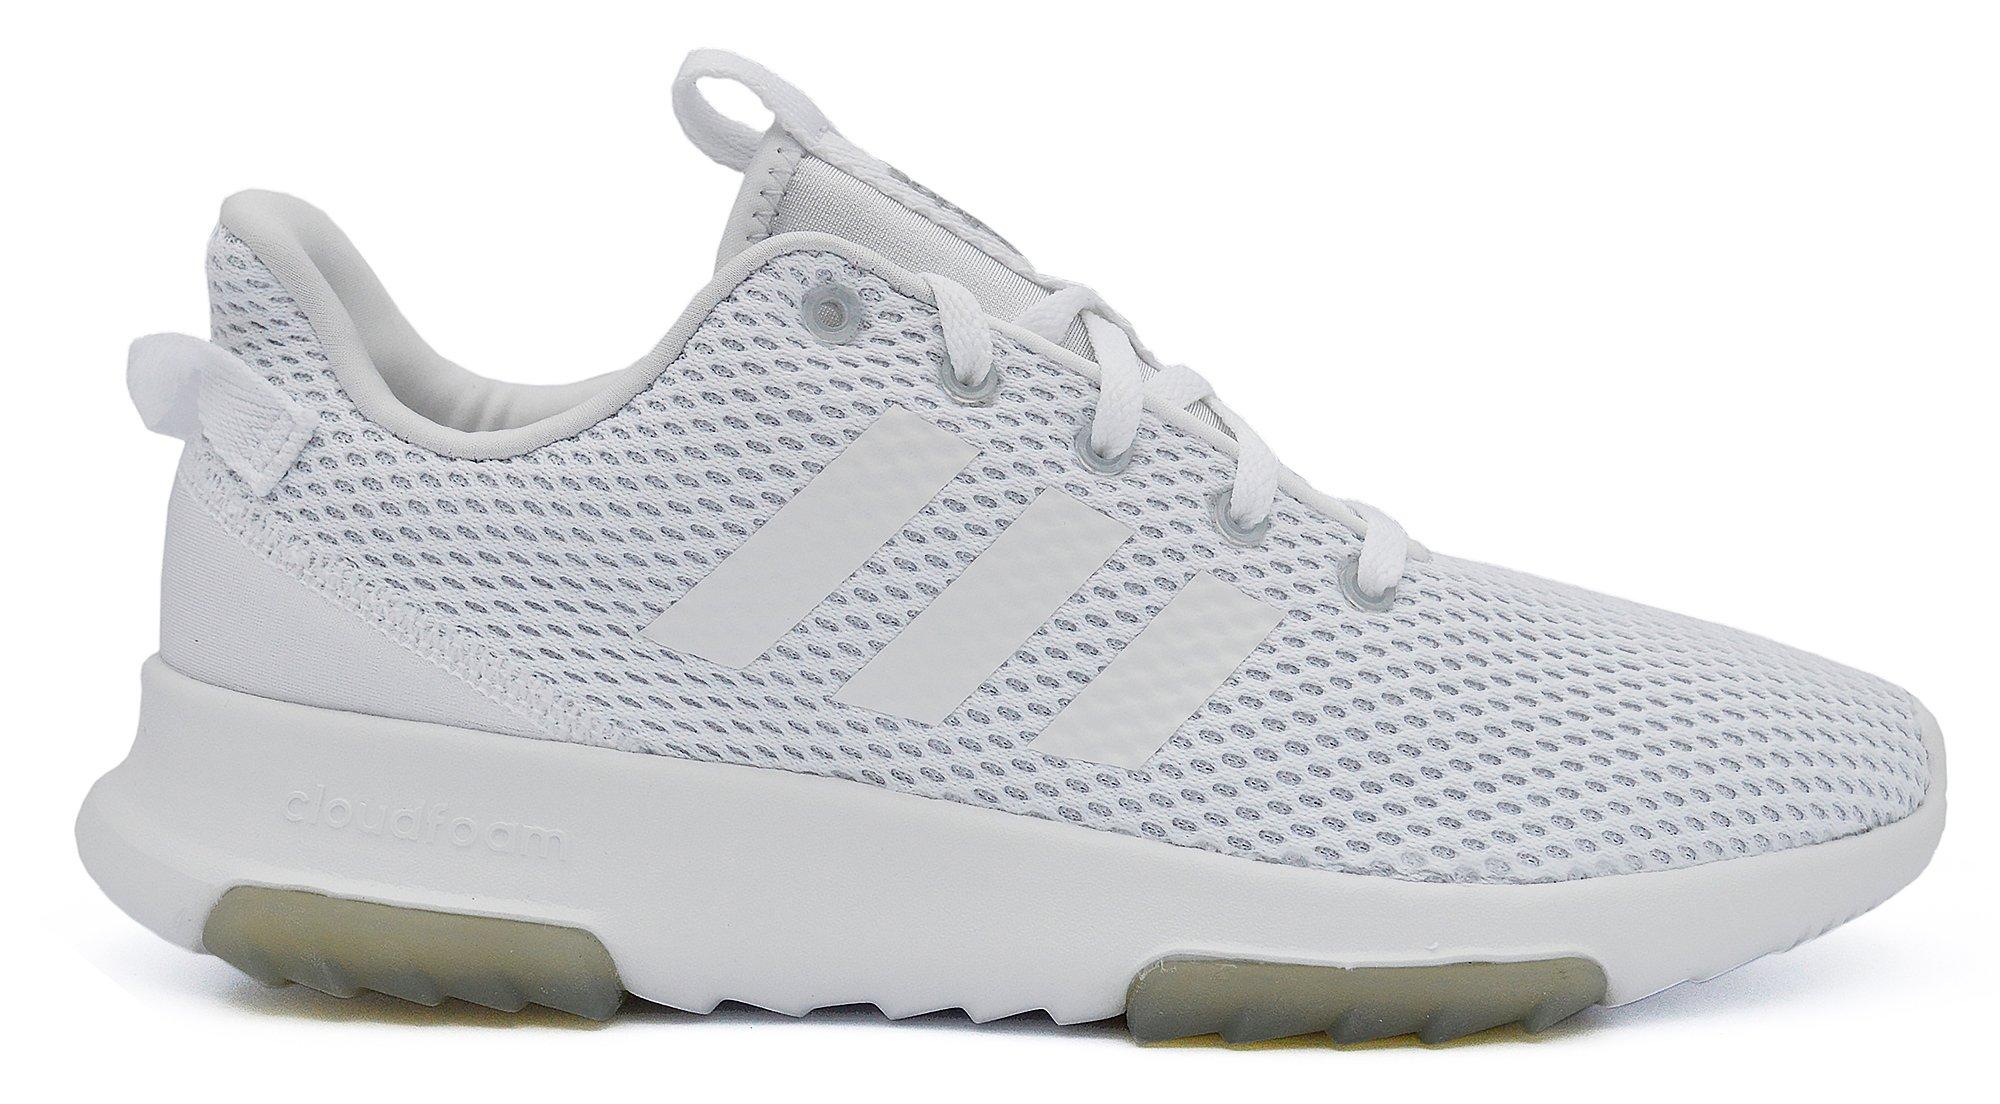 Adidas, Buty damskie, Cloudfoam racer tr, rozmiar 40